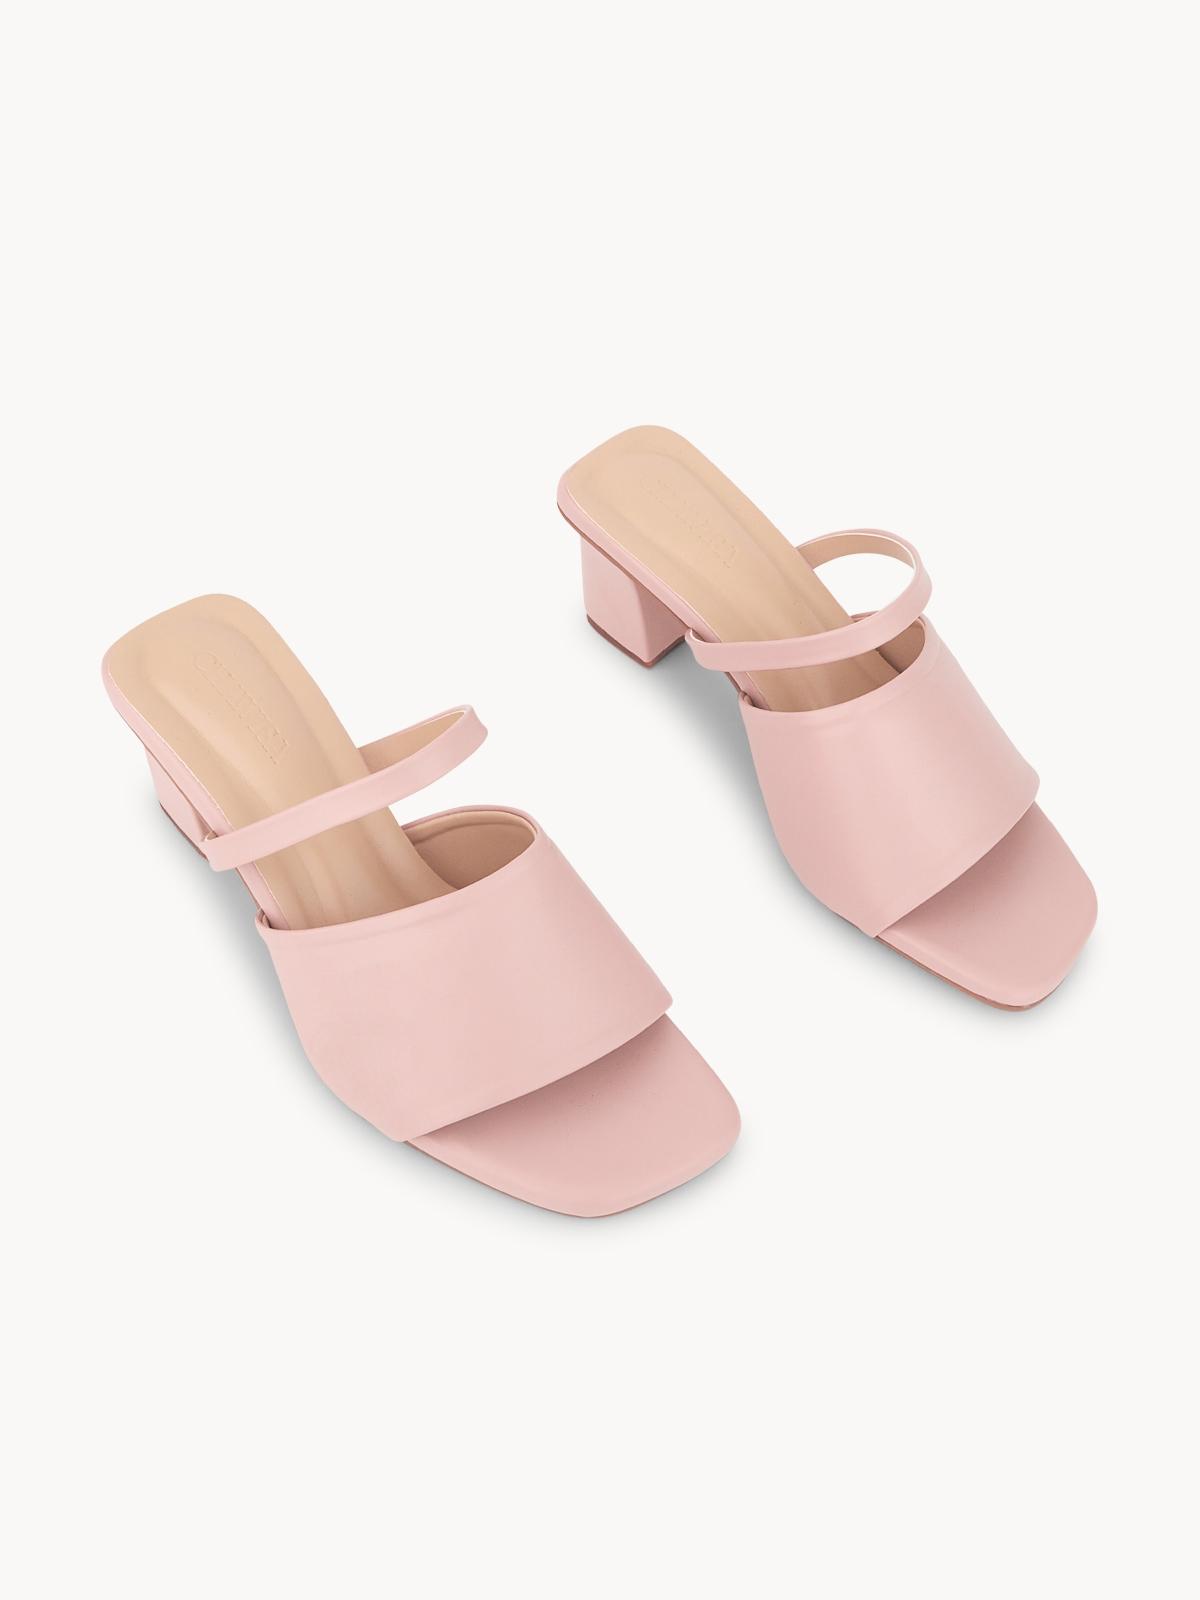 Chawisa Mule Heels Pink